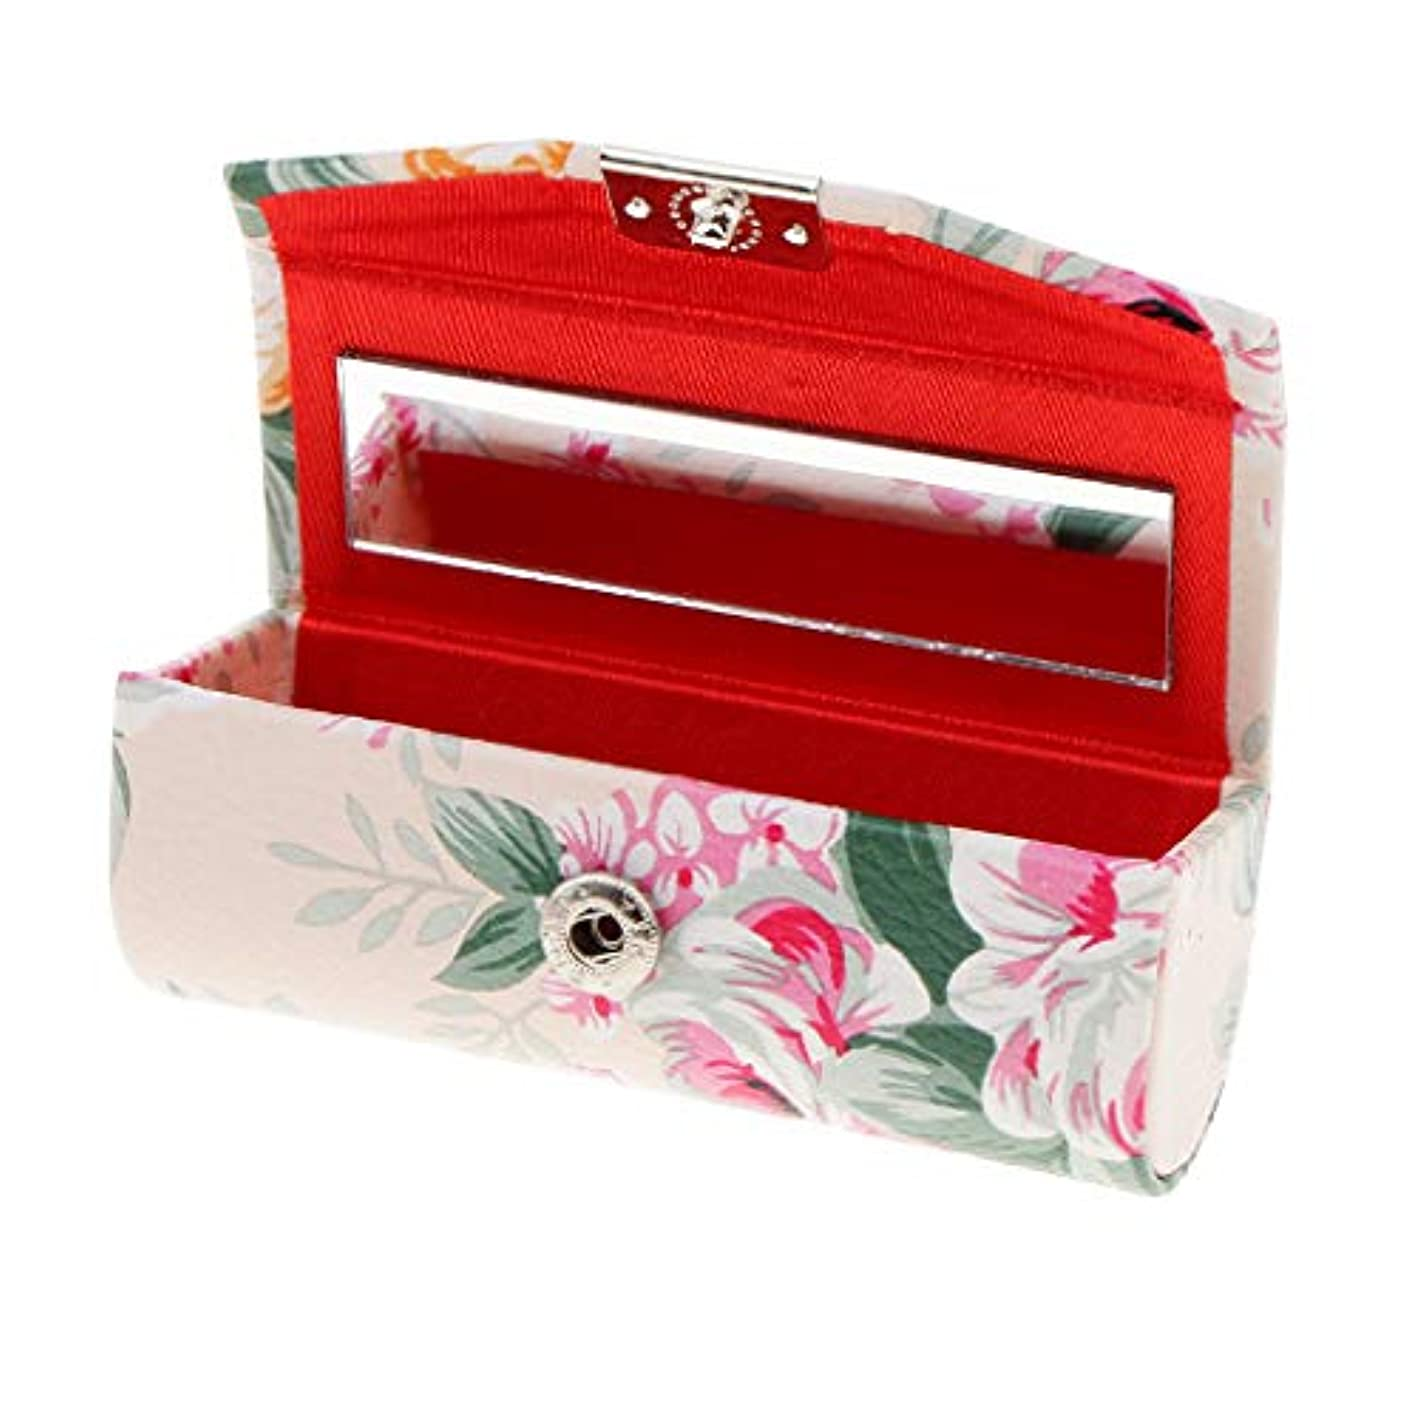 銛倫理的ファーザーファージュKESOTO リップスティックケース ミラー付き 革製 宝石 メイクアップ 口紅 メイクアップ 収納ホルダー  5色選べ - ベージュ